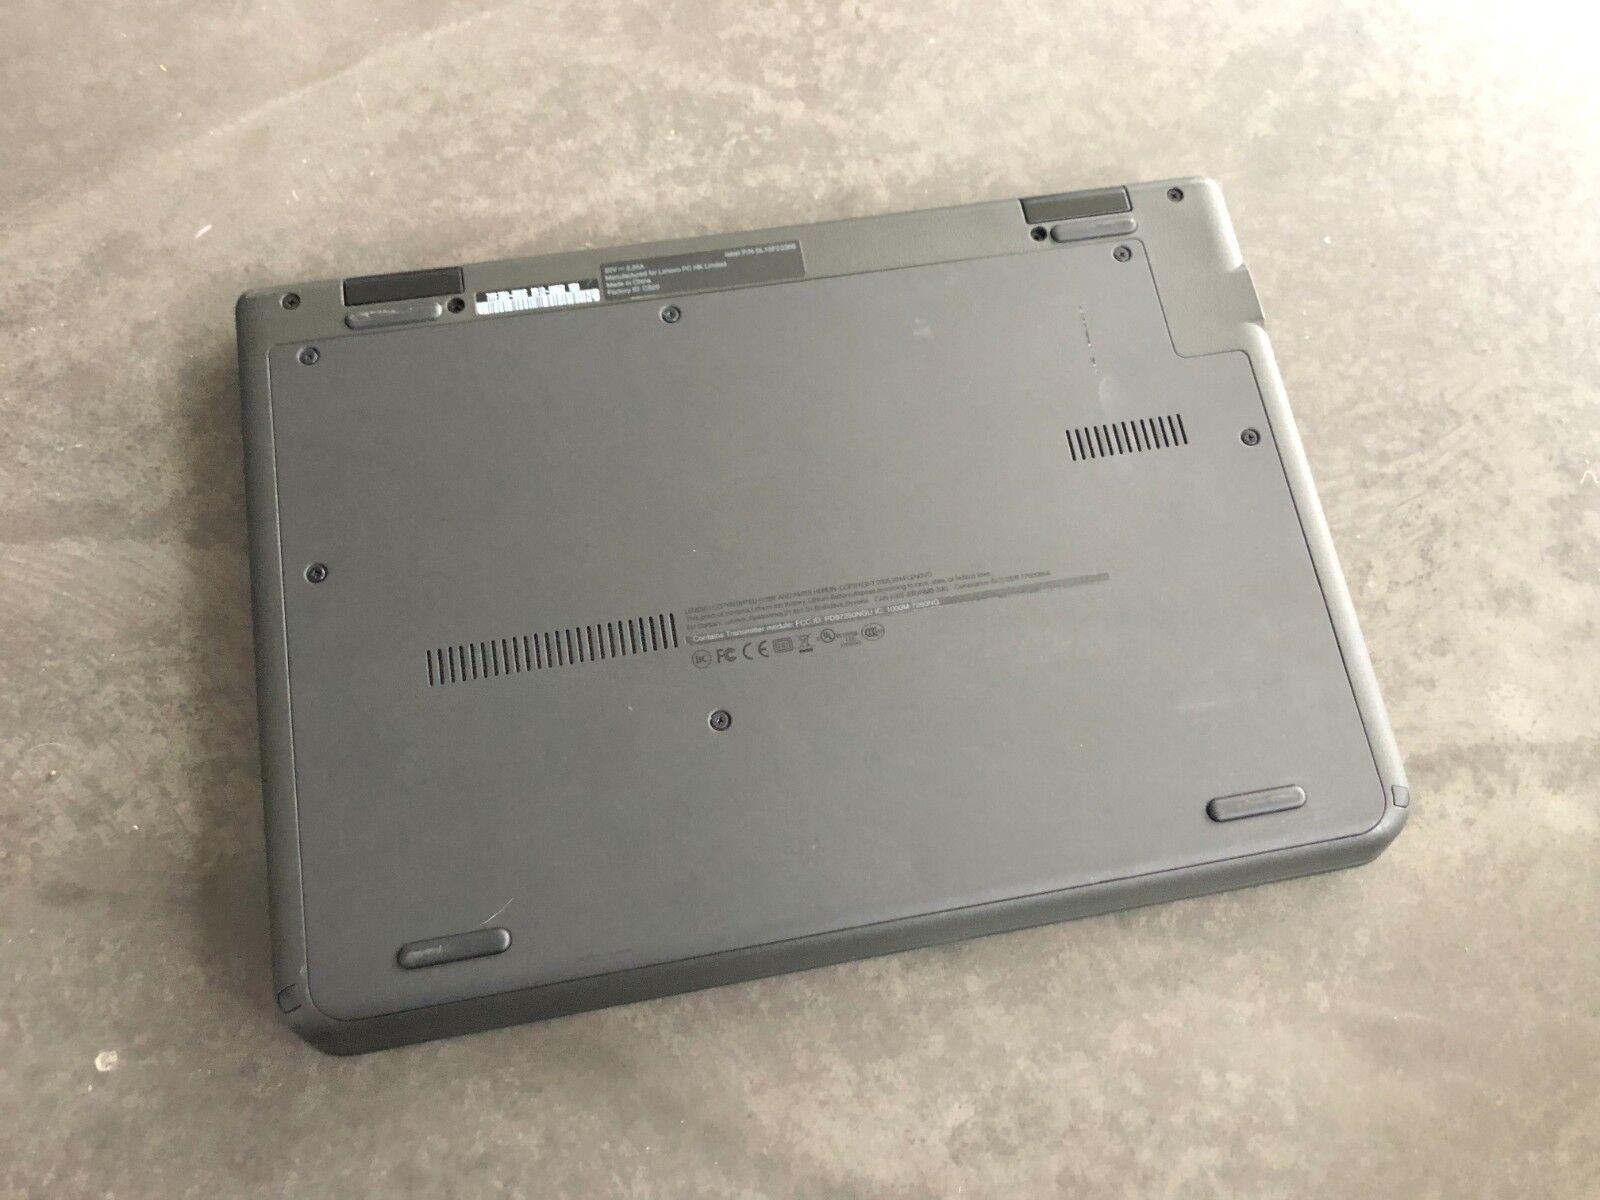 Lenovo chromebook 11e celeron quad core n2940 1.83 4gb ram 16gb ssd chromeos